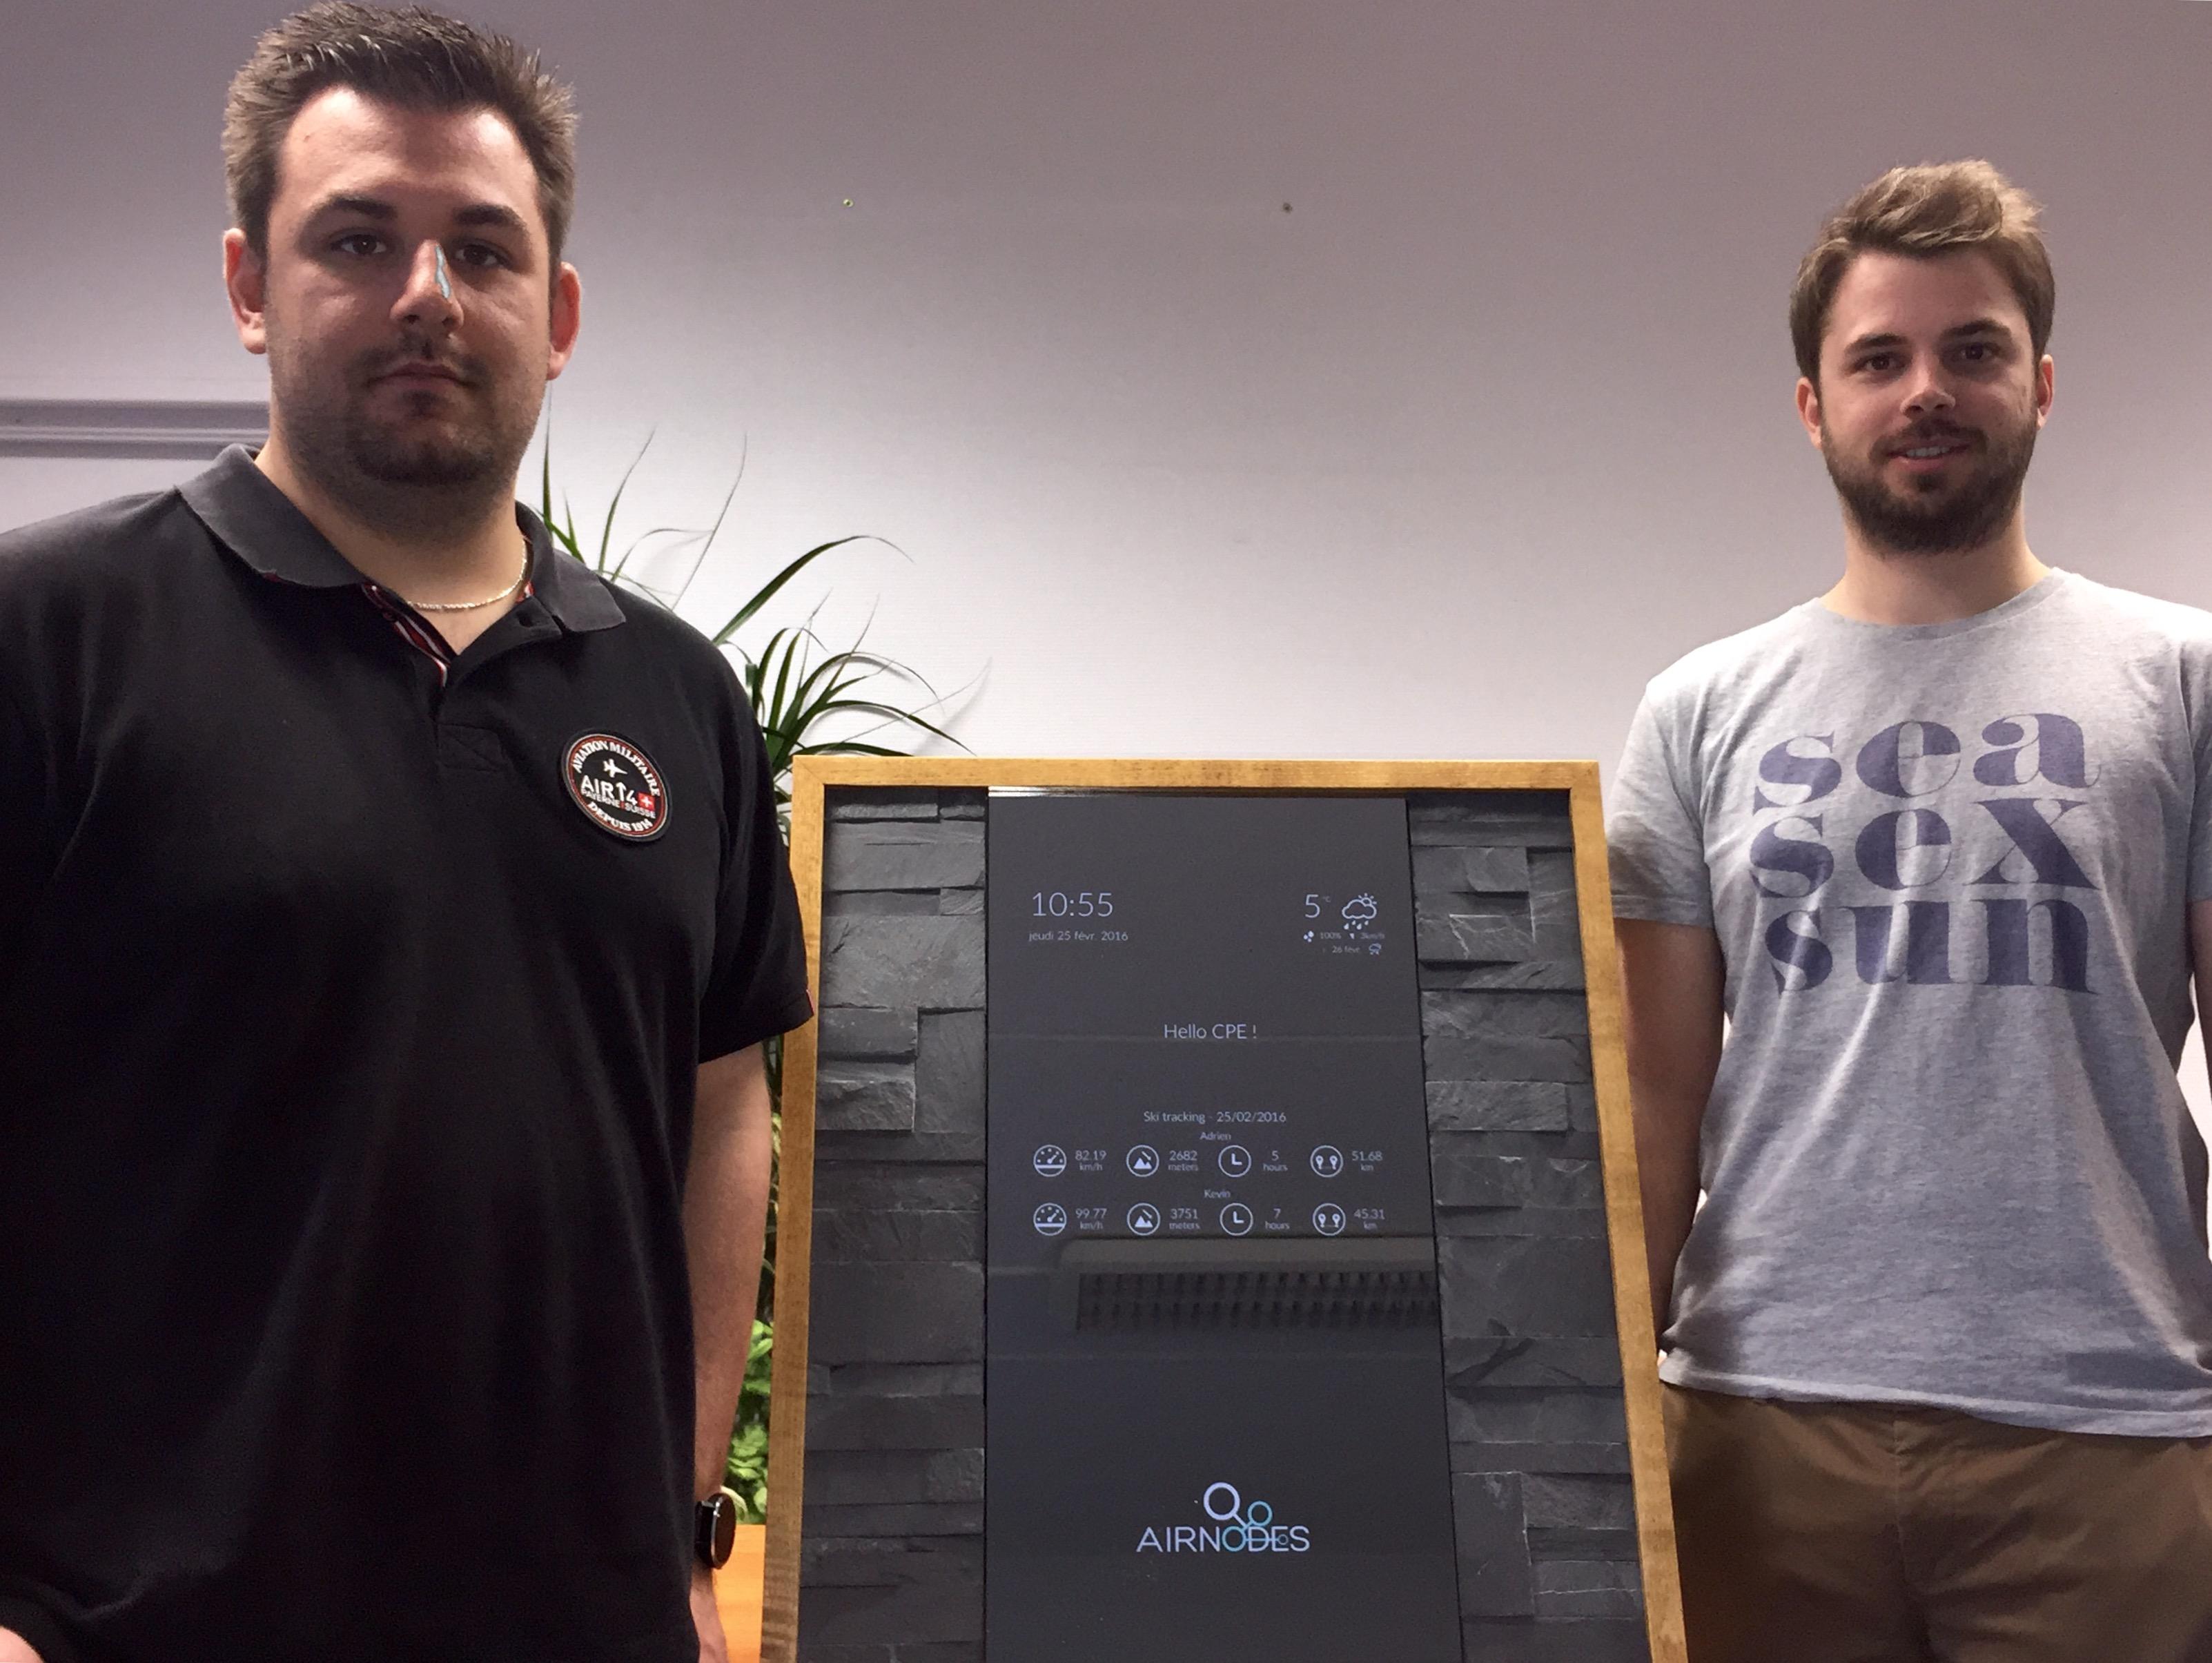 Accès à l'article Kevin et Adrien, jeunes diplômés IRC CPE Lyon et déjà entrepreneurs